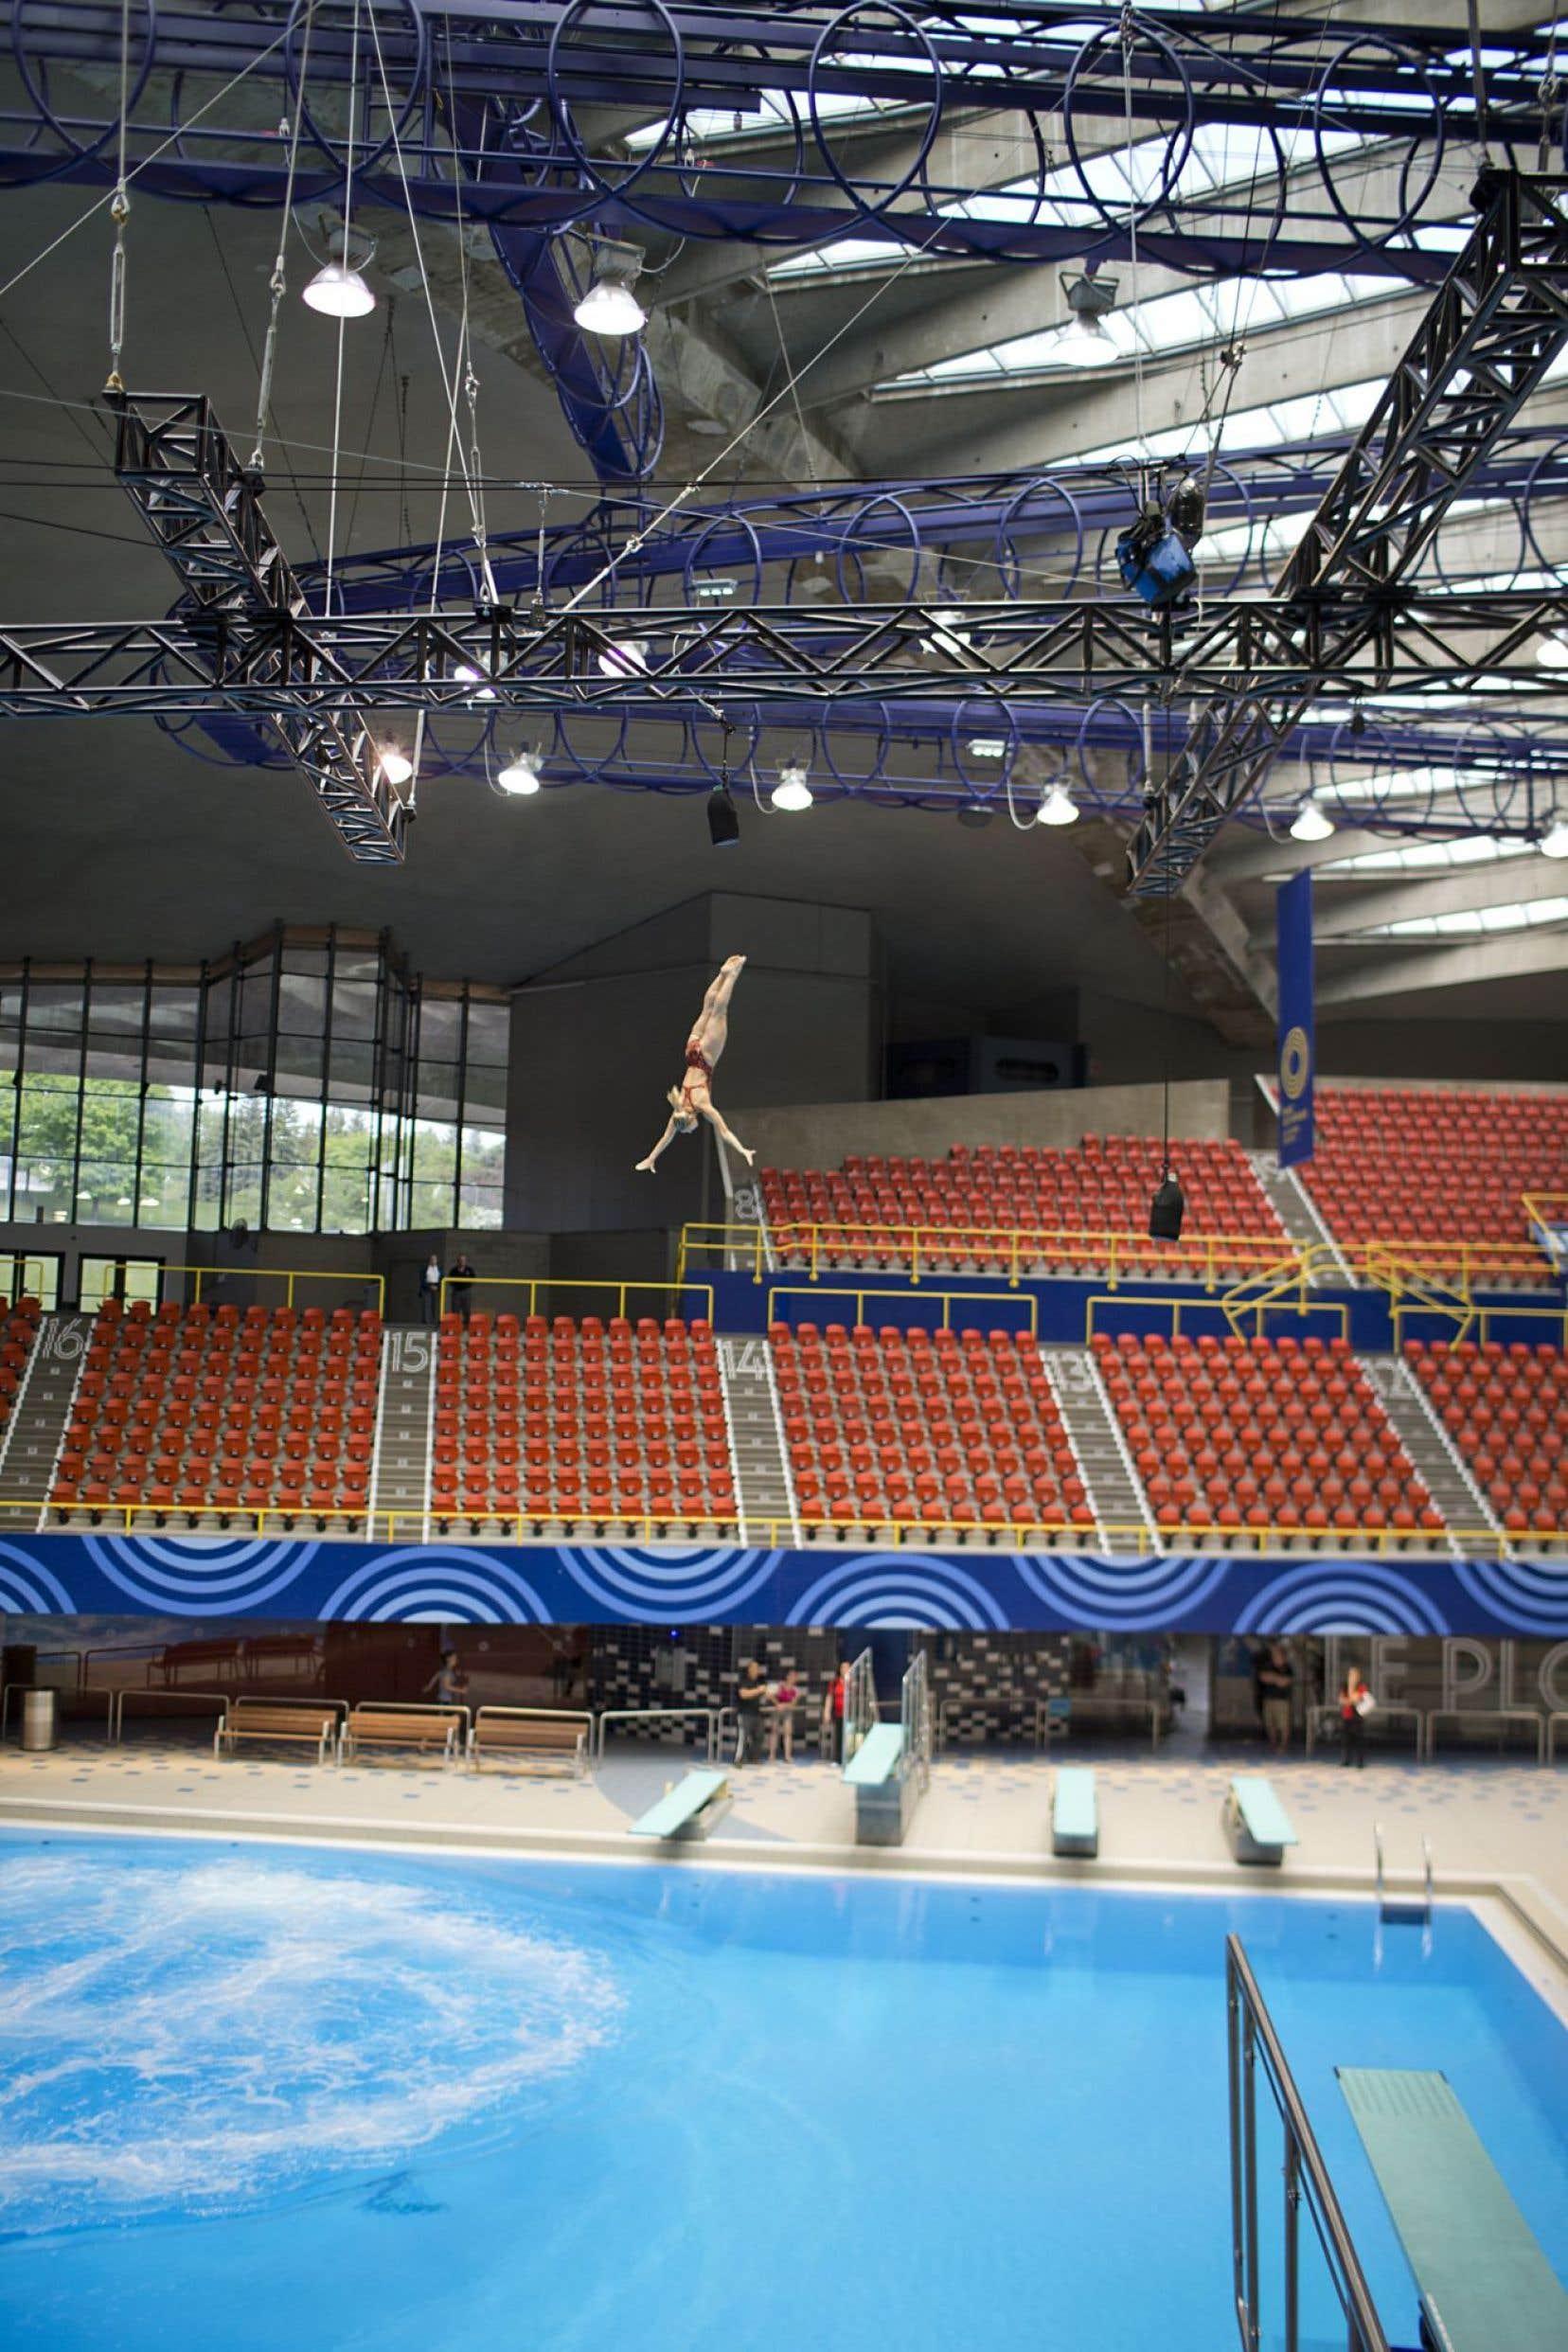 Un nouveau tremplin flotte à 27 mètres au-dessus de l'eau pour accueillir les adeptes de la nouvelle discipline de la FINA: le plongeon de haut vol.